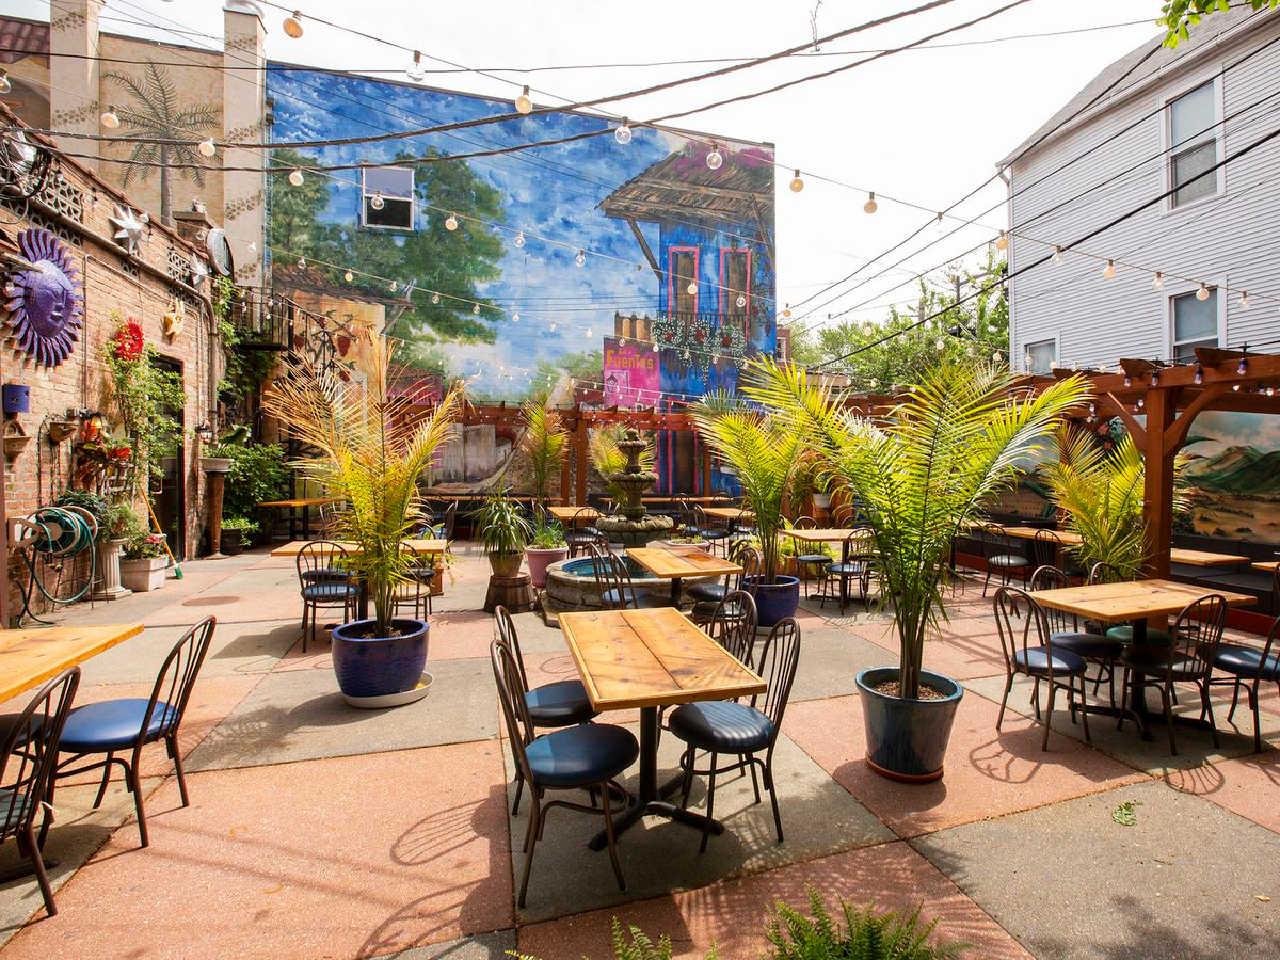 outdoor restaurants chicago, chicago outdoor restaurants, outdoor restaurants in Chicago